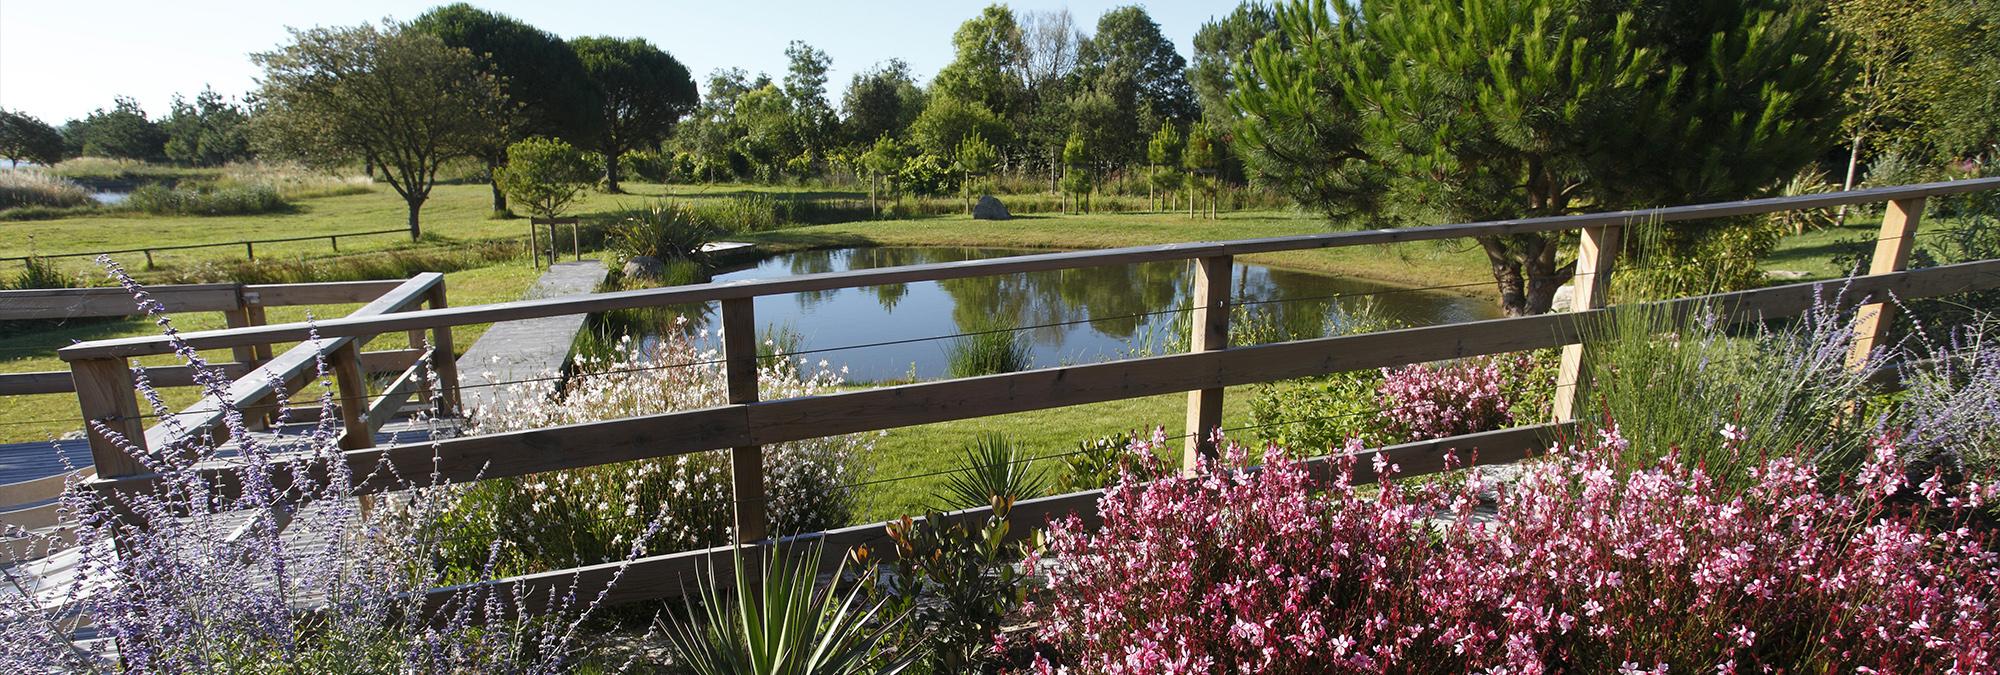 ID Jardin, votre créateur de jardin situé à Olonne sur mer en Vendée.